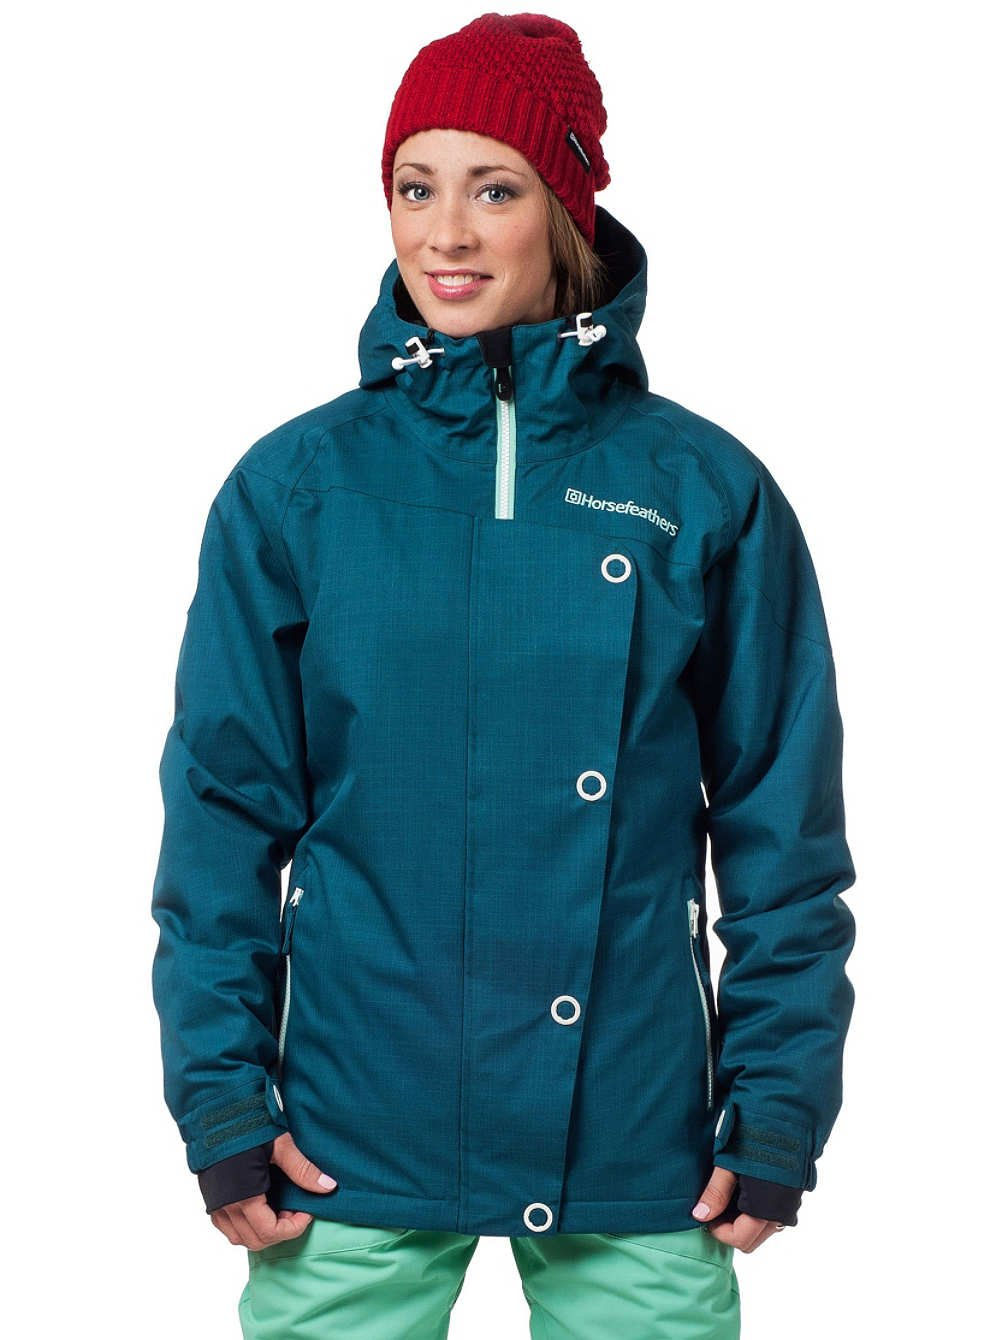 Damen Snowboard Jacke Horsefeathers Chloe Jacket online bestellen